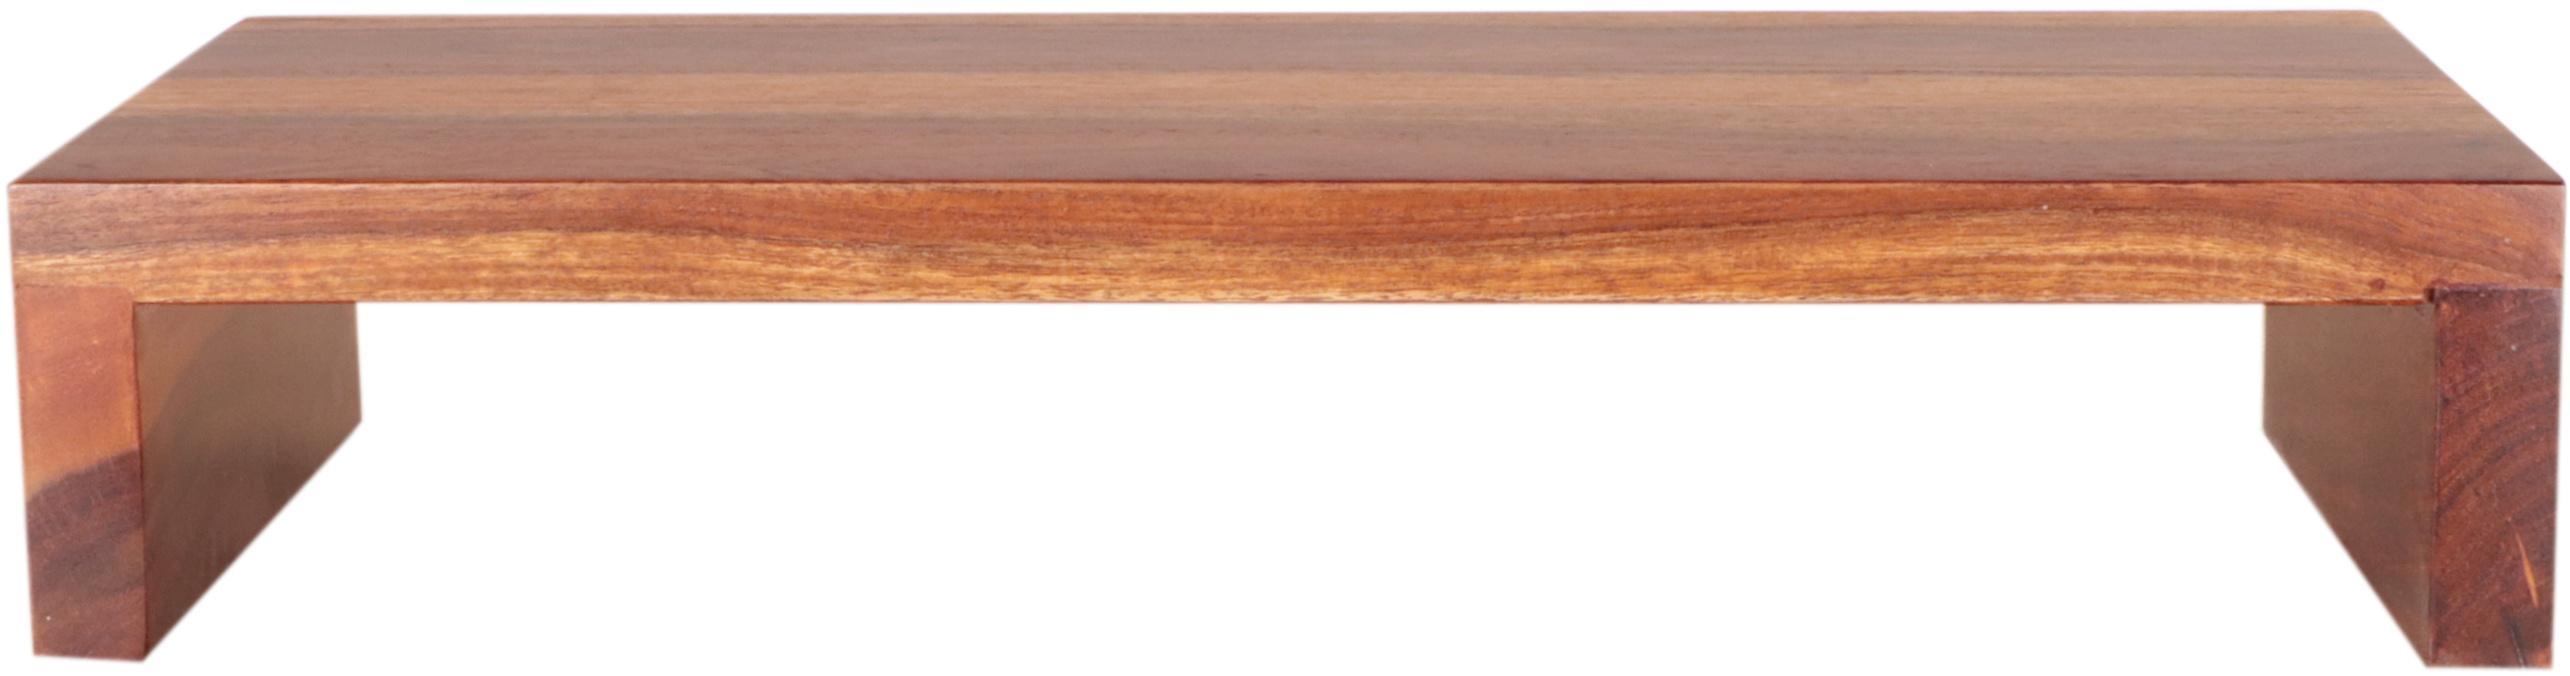 Polica na stenu Jali 50x22x10 indický masív palisander - Svetlomedová